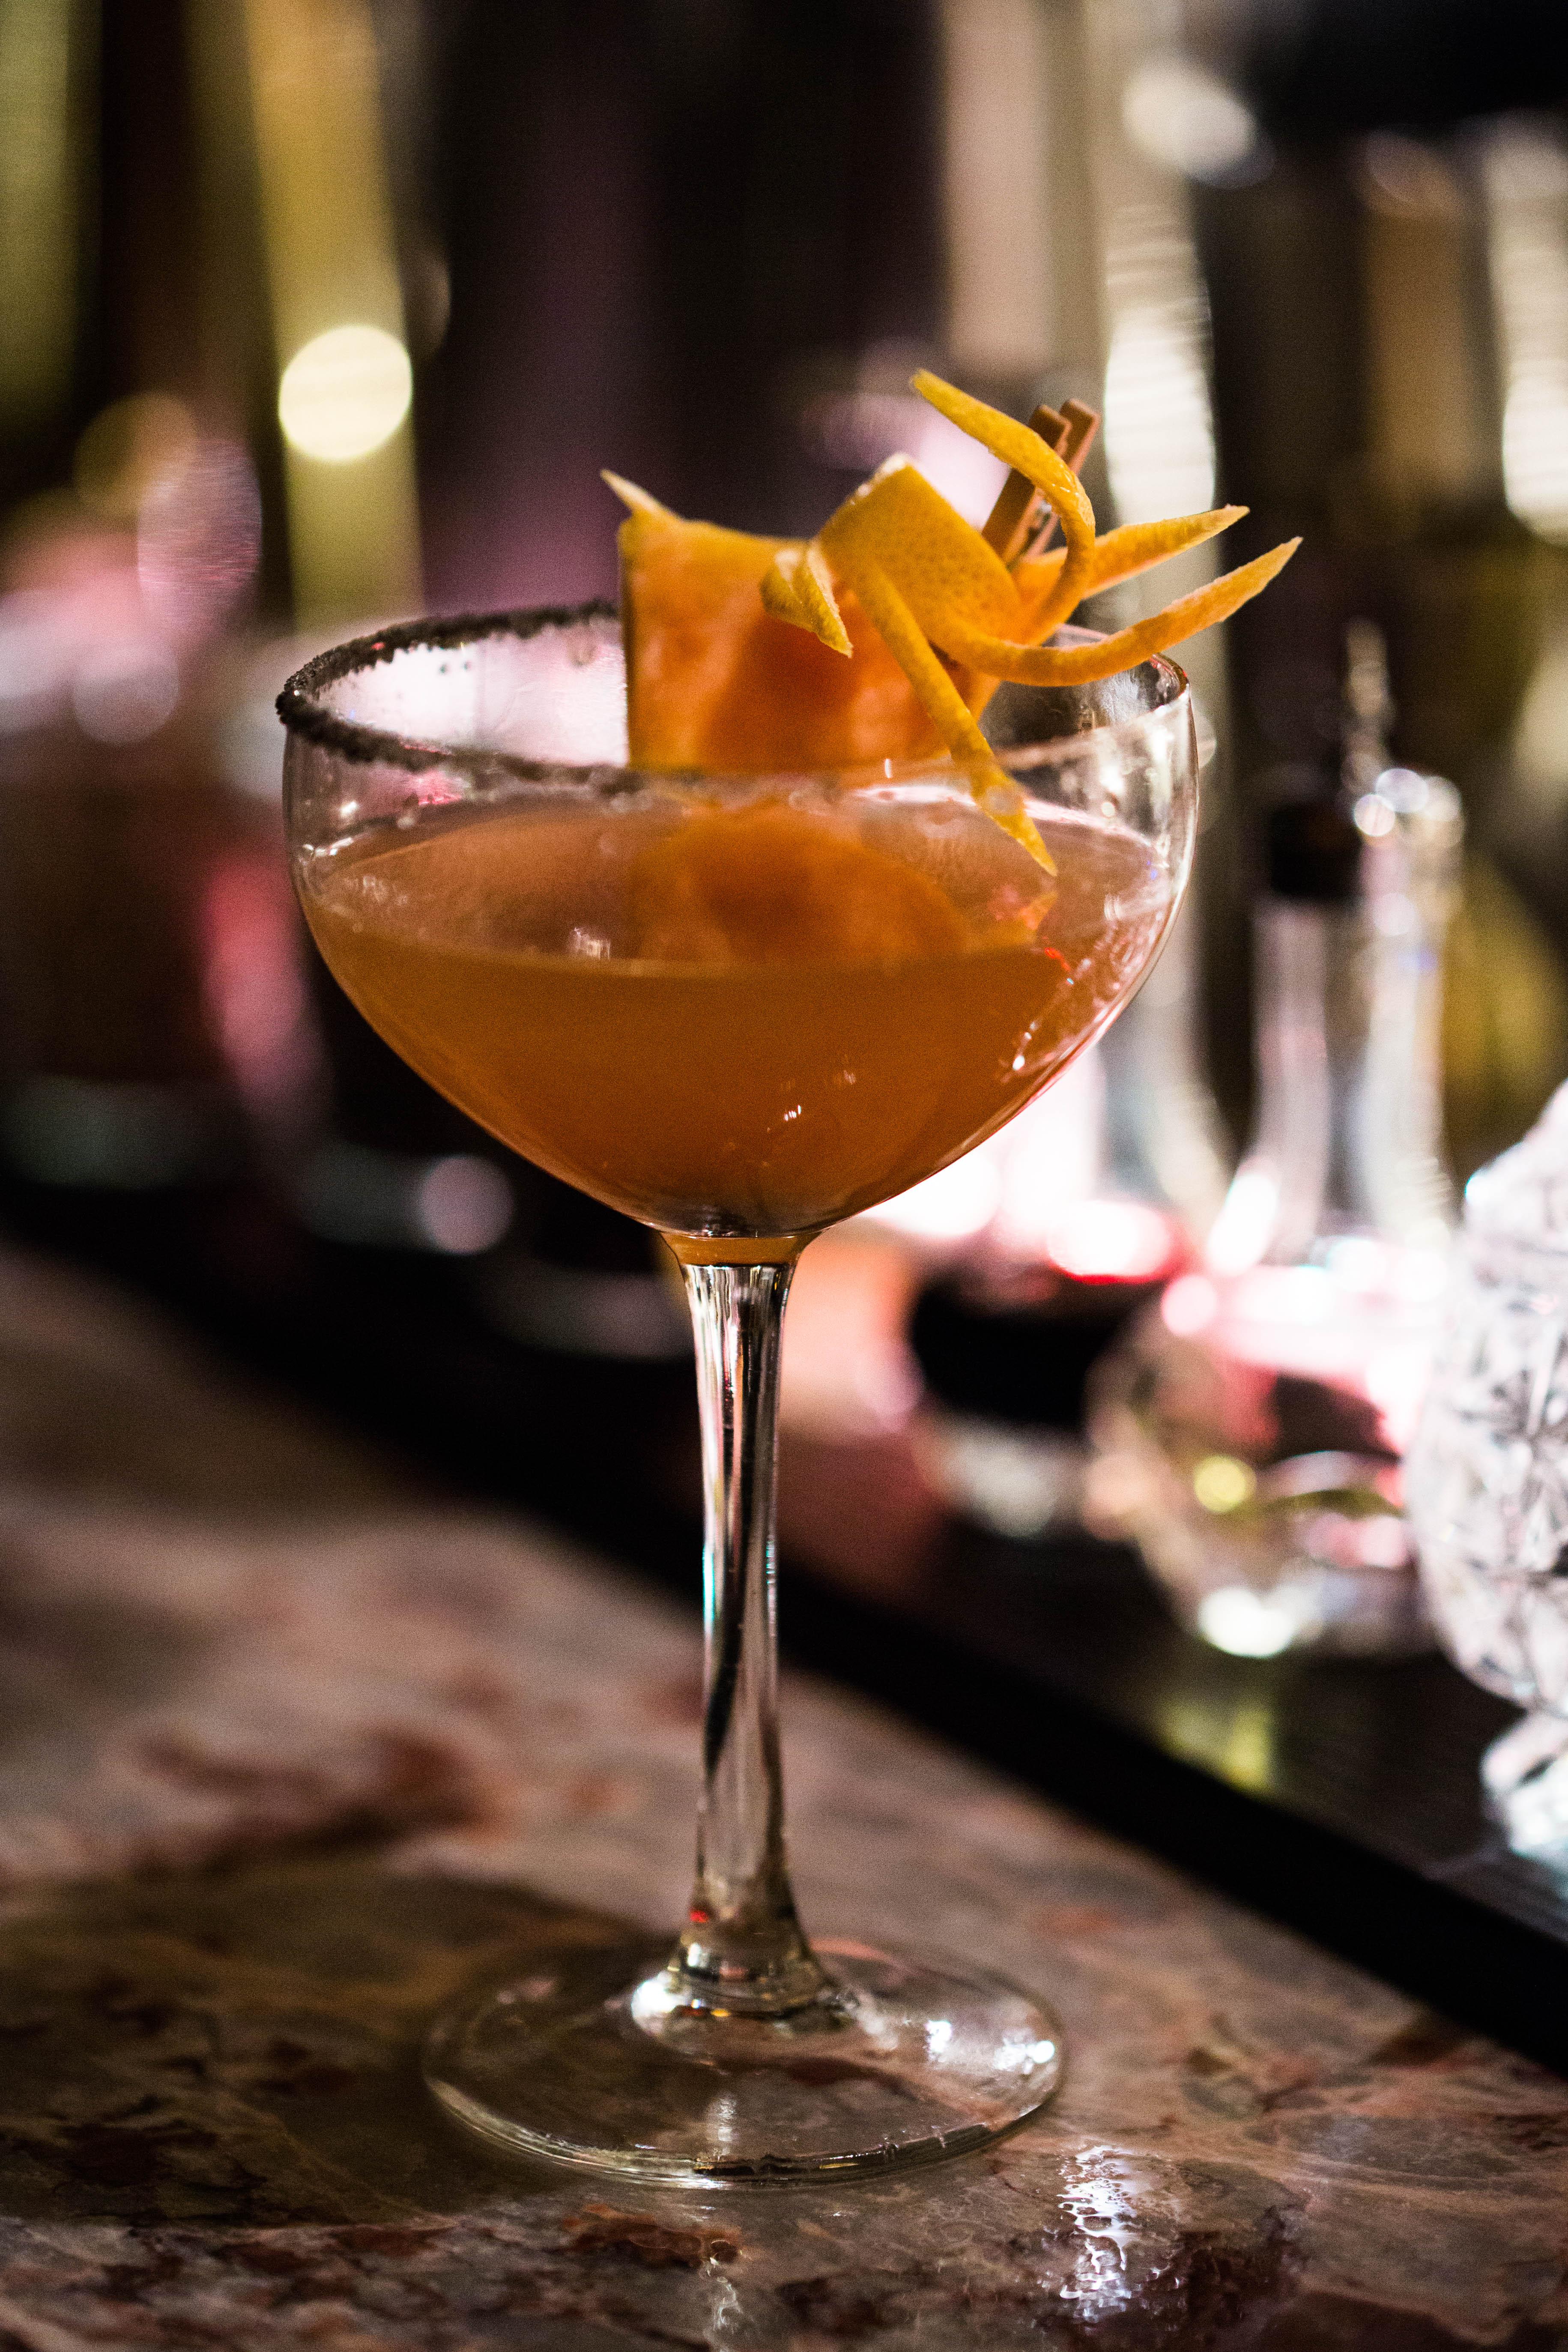 cocktail-fannygaudin-5239